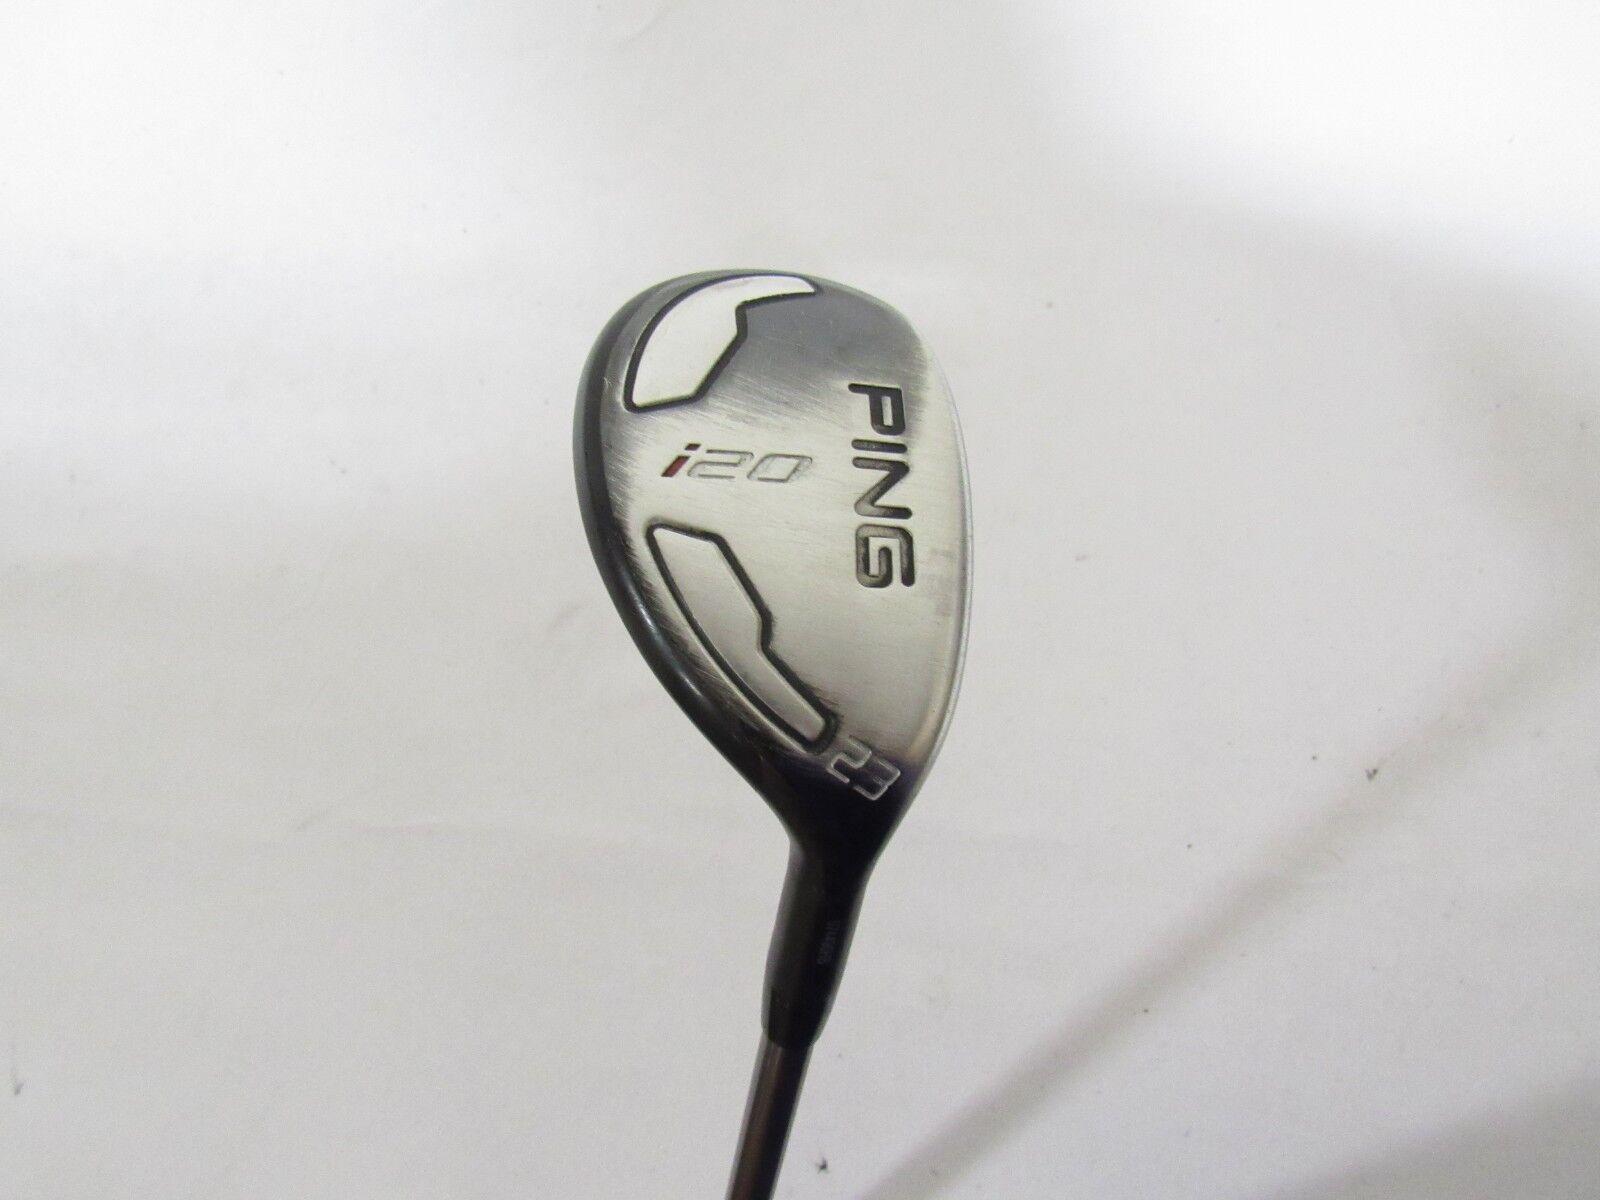 Utiliza la mano  derecha Ping i20 23 ° híbrido Ping TFC 169 Mango De Grafito Regular R Flex (R)  bajo precio del 40%